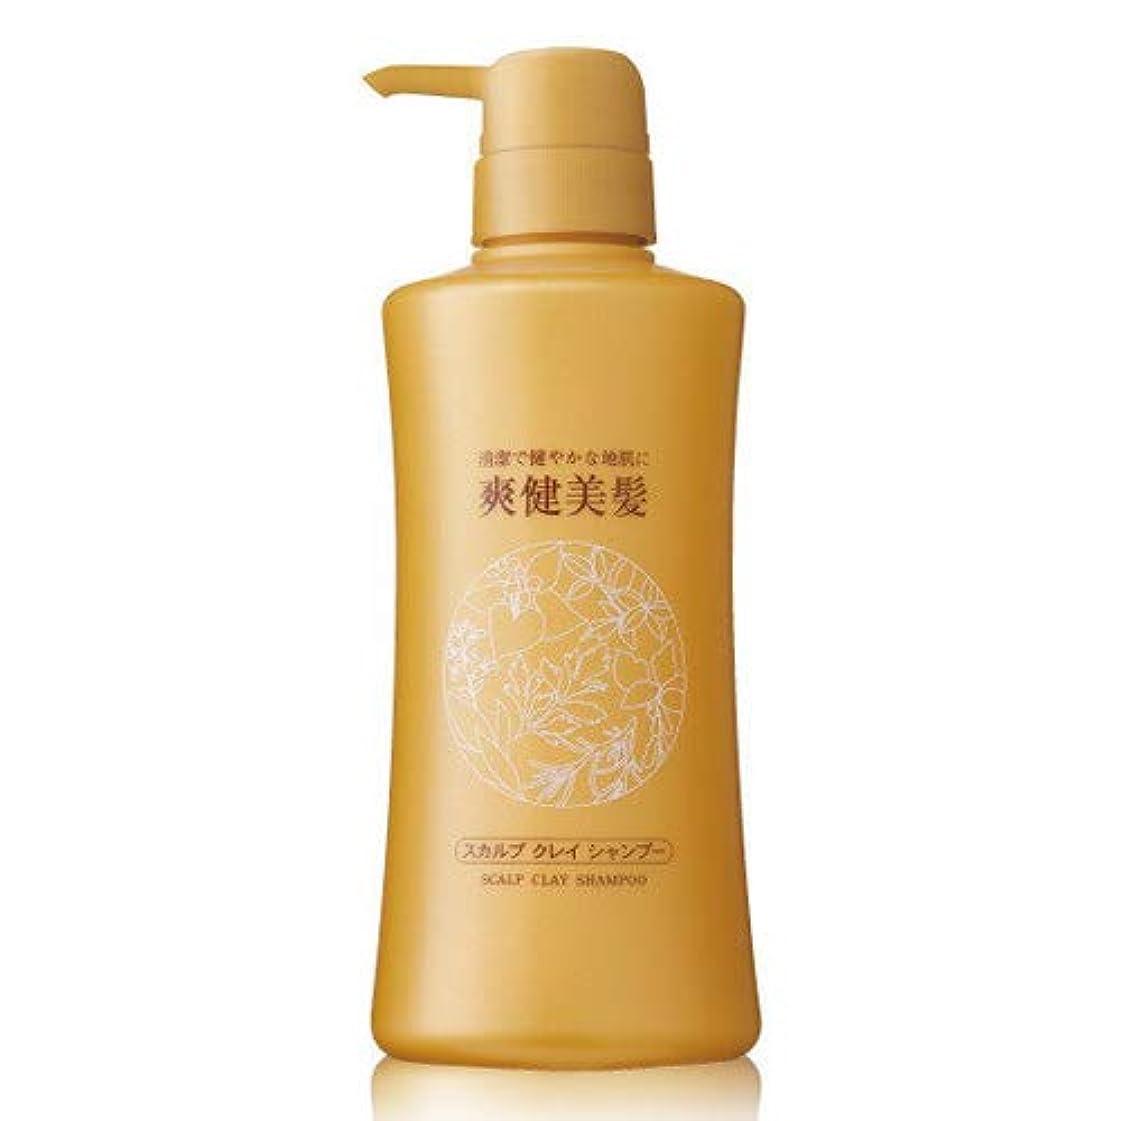 名目上の誘惑気まぐれなエビス化粧品(EBiS) 爽健美髪スカルプクレイシャンプーN